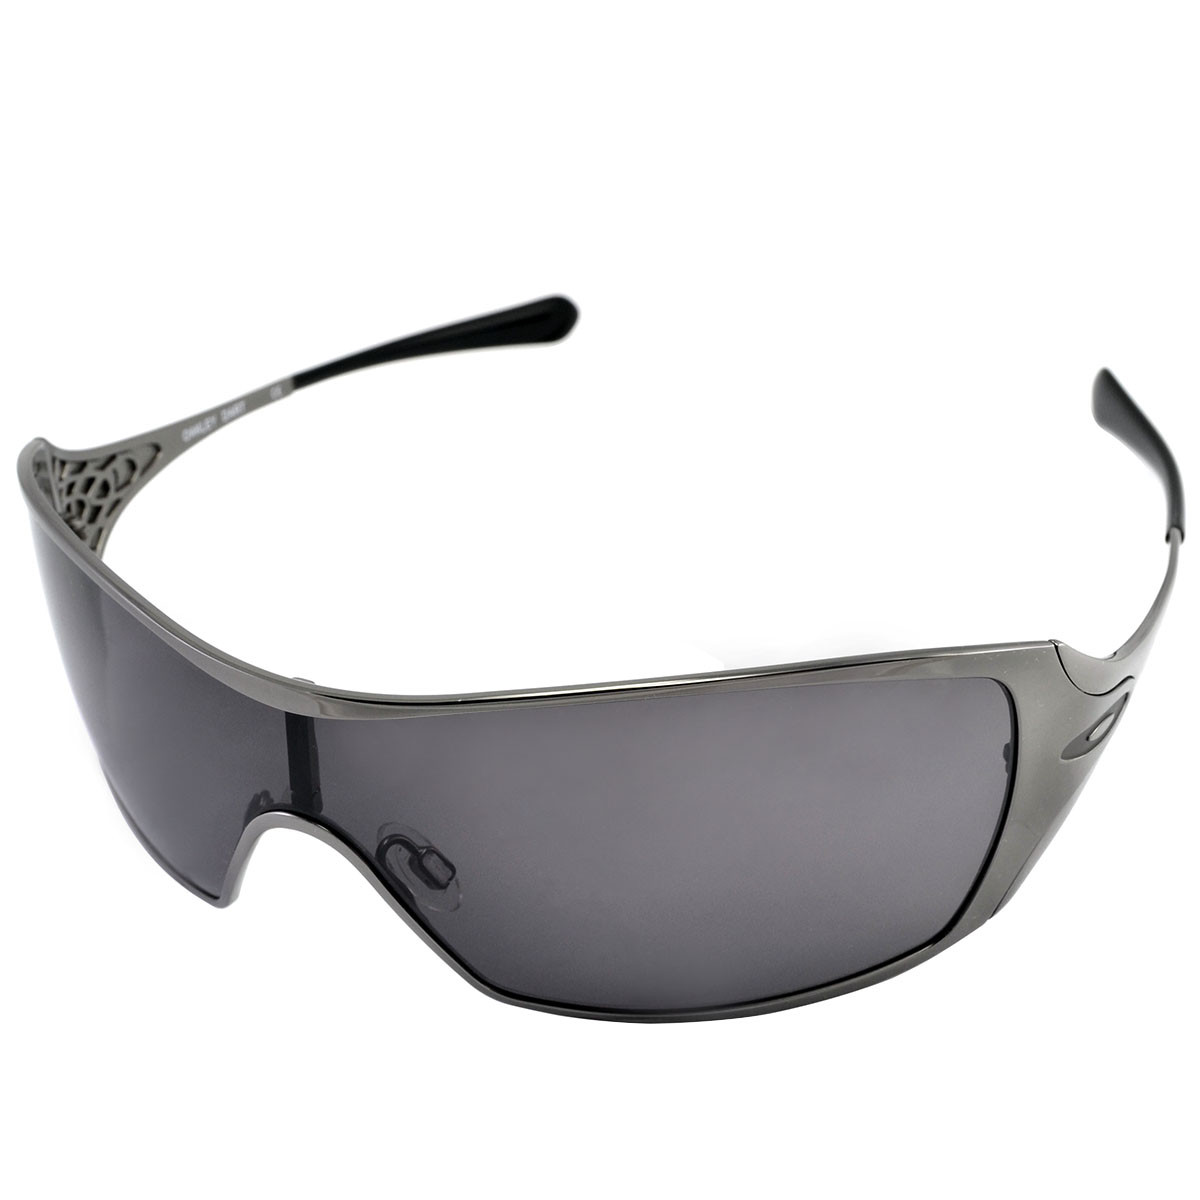 bb092d72a47aa Óculos Oakley Dart Black Chrome W Warm Grey ref 05-664